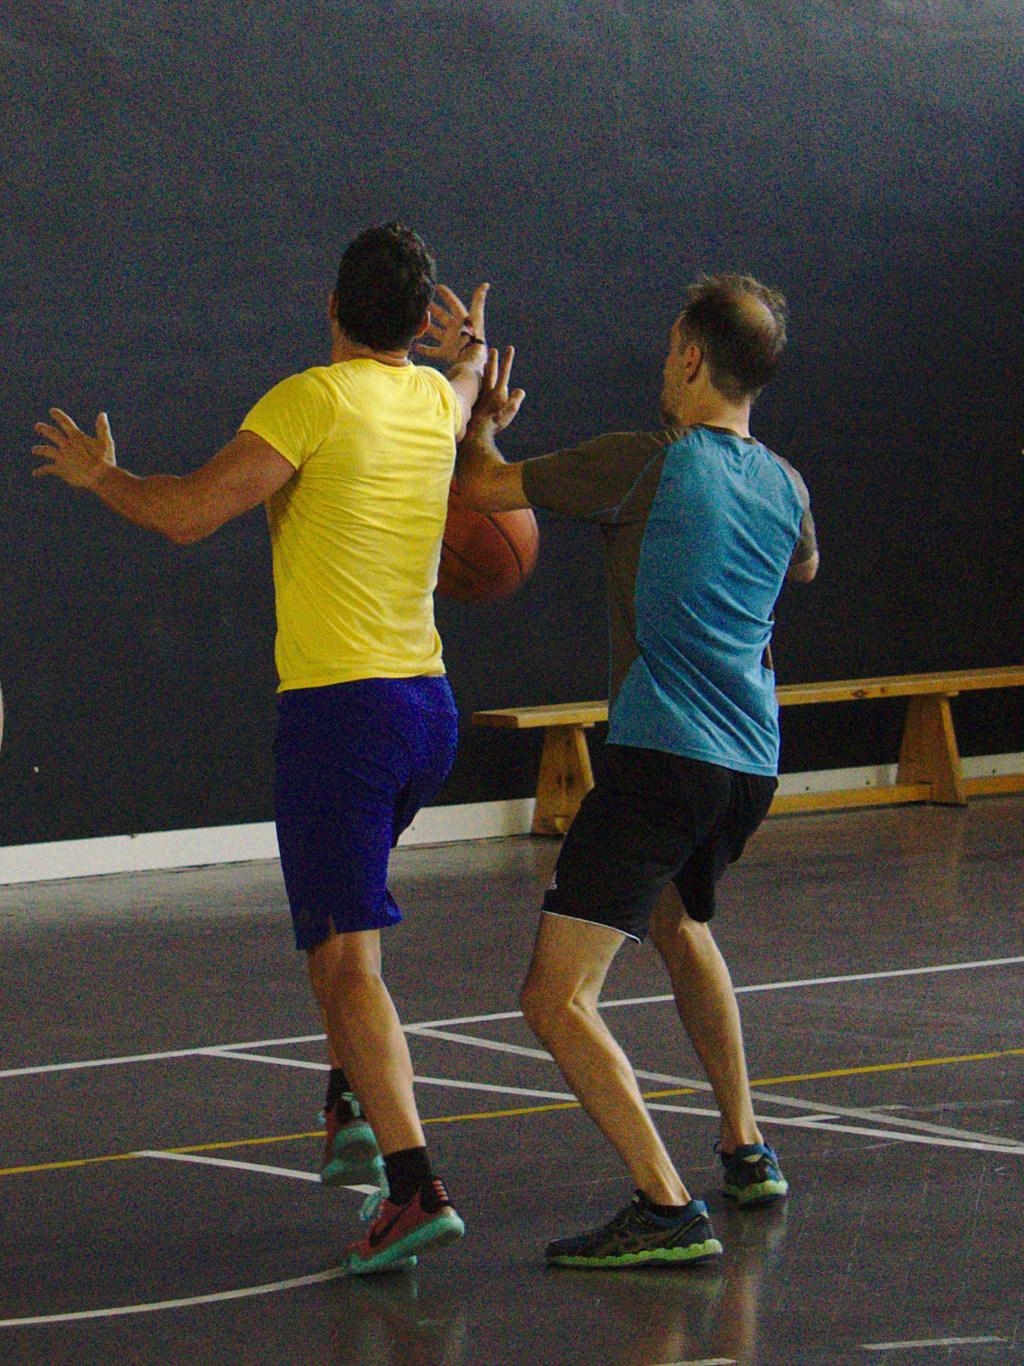 Pachanga De Basket ARF ¡ OTRO AÑO MAS ROCKET CAMPEÓN! - Página 12 Dsc02314